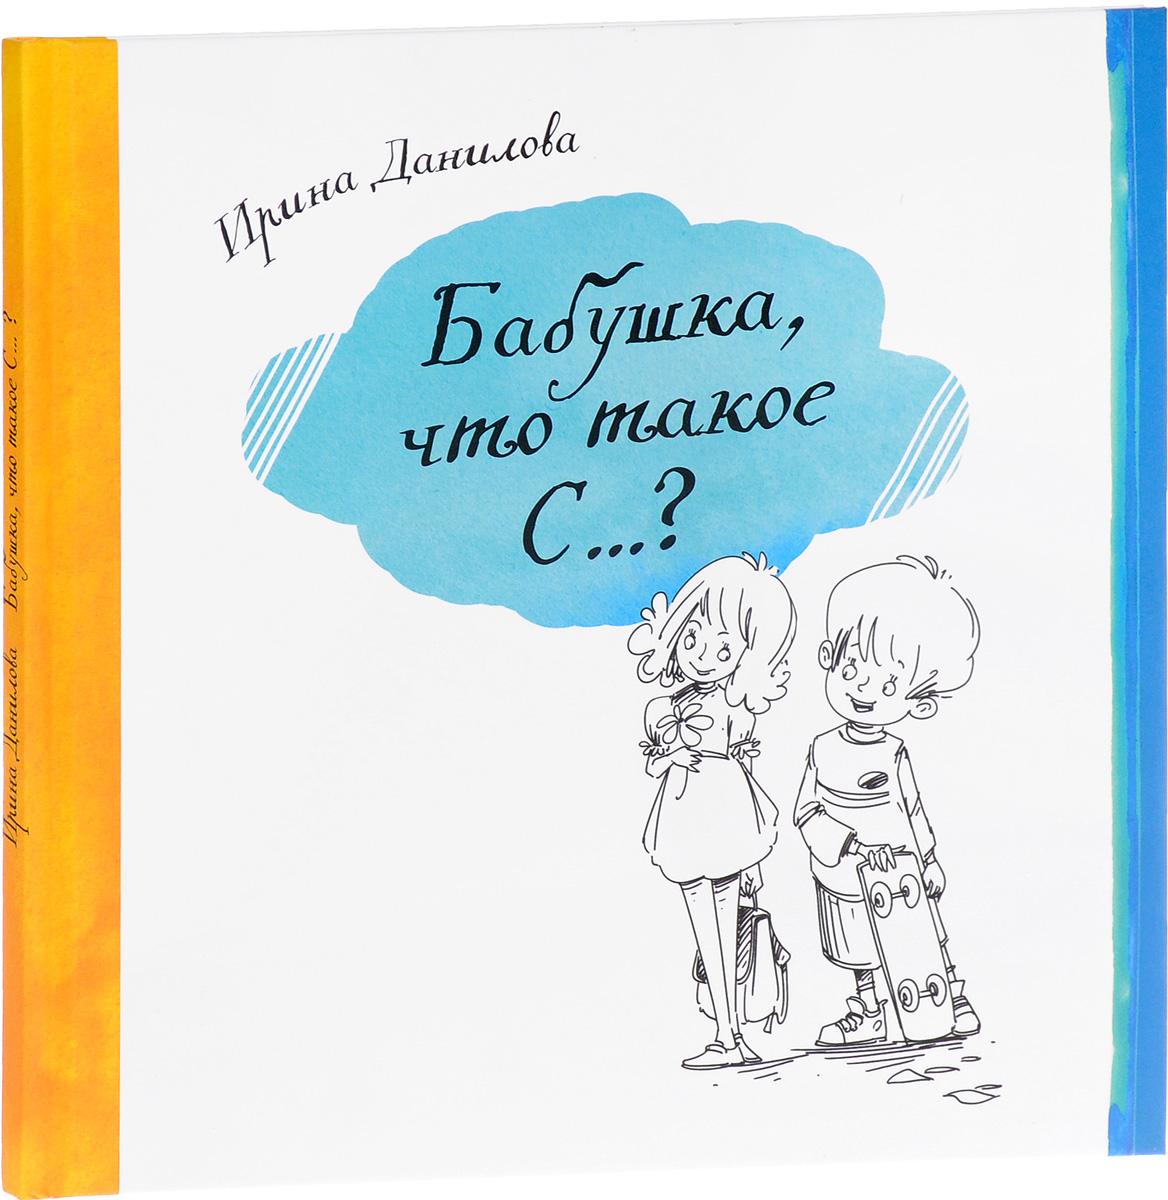 Фото Ирина Данилова Бабушка, что такое С...?. Купить  в РФ